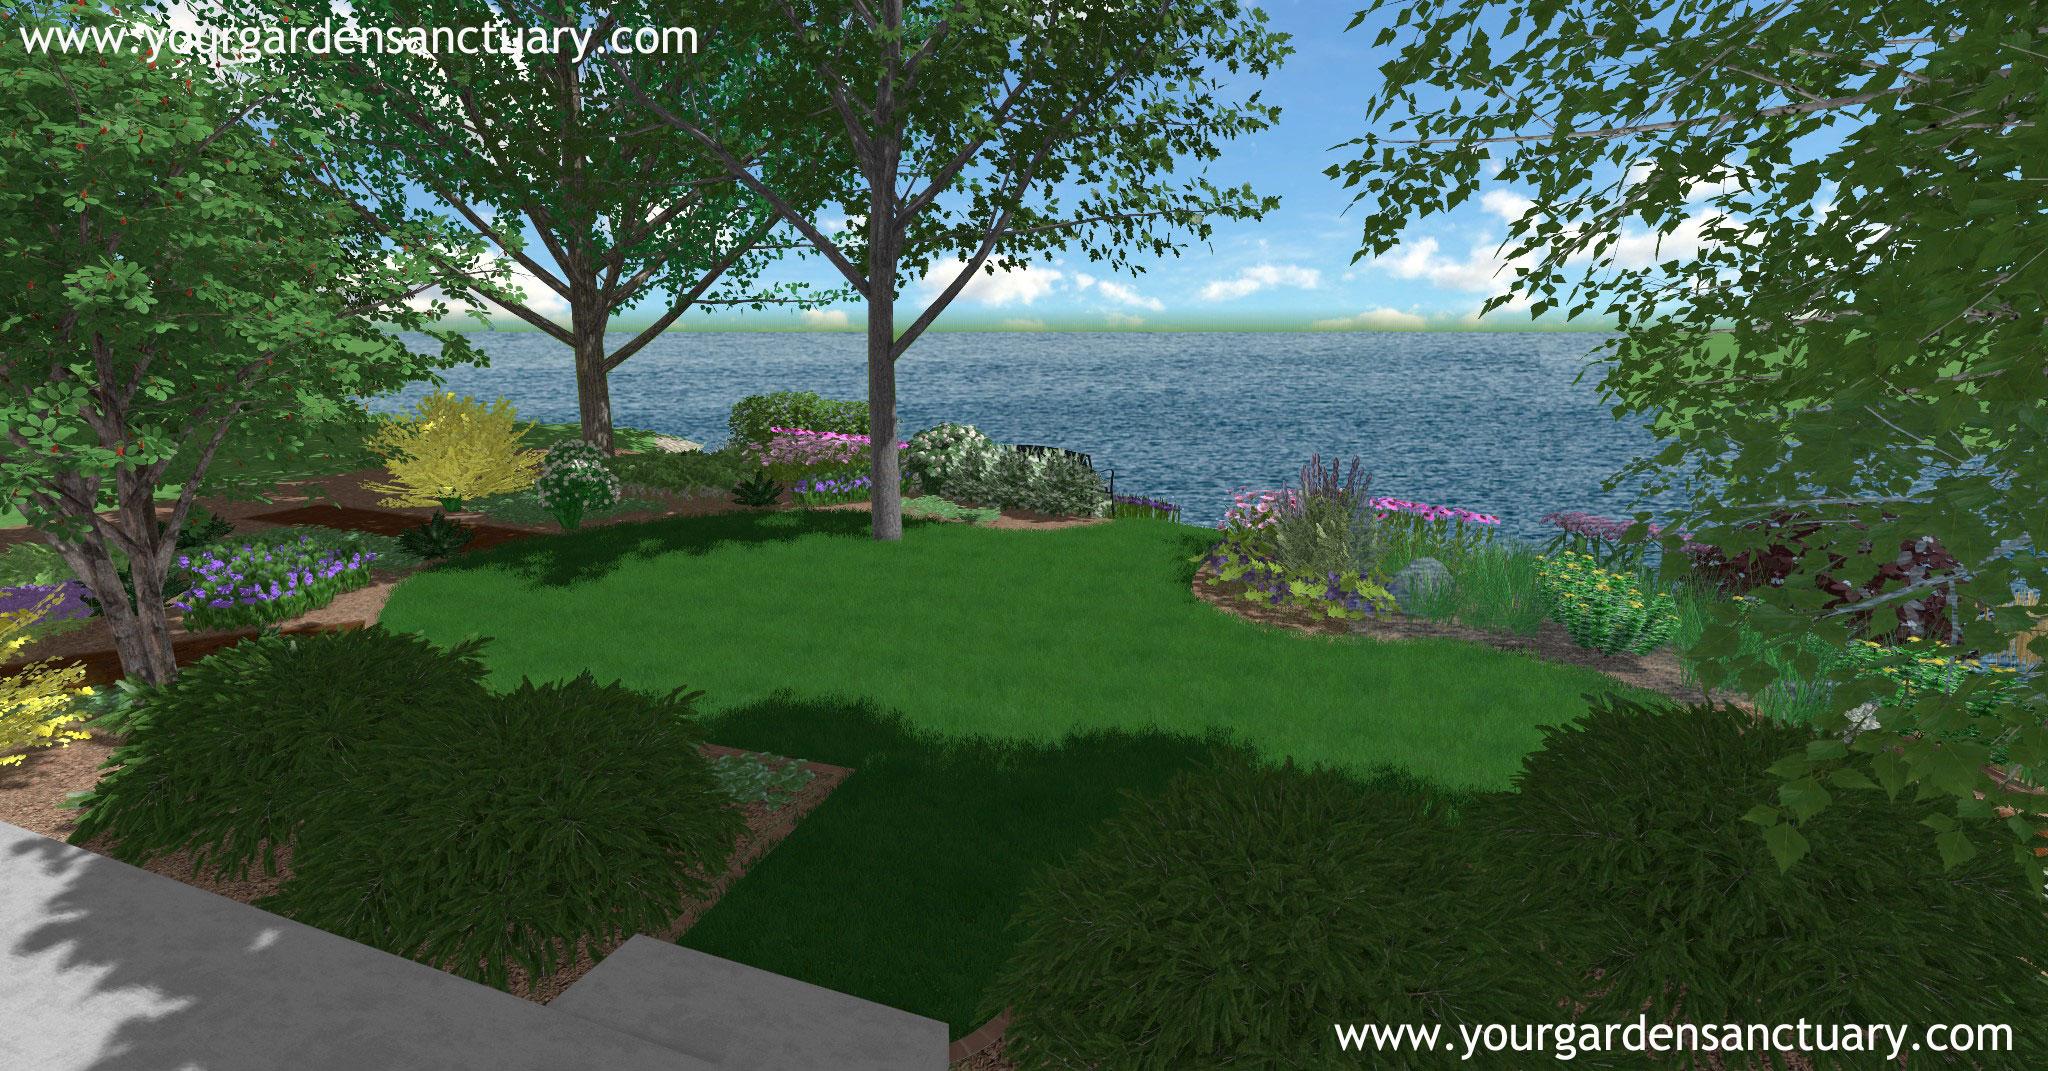 backyard landscape design finished